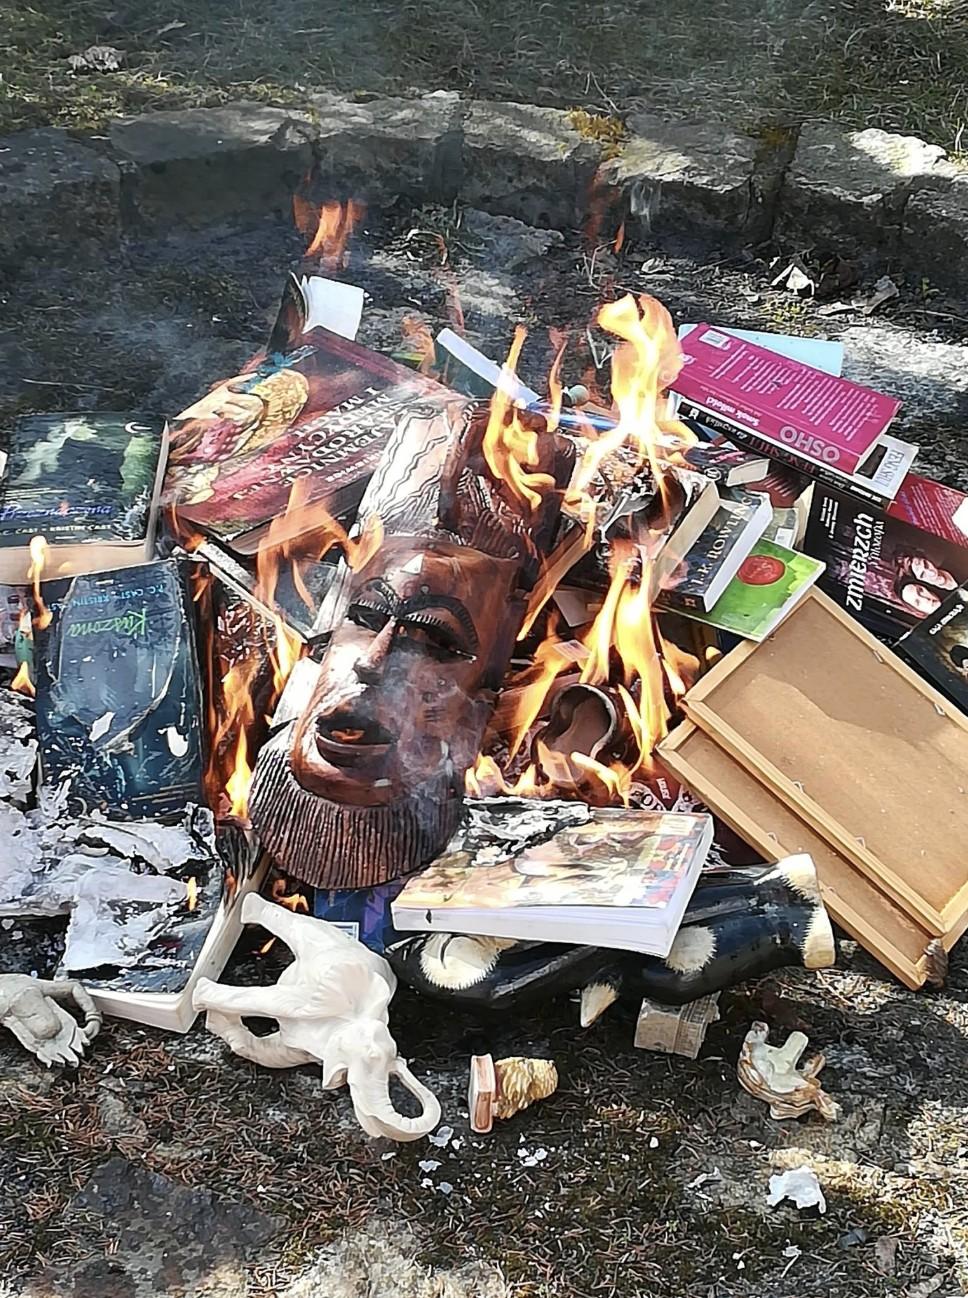 Livros da saga Harry Potter estão entre os títulos queimados (Foto: Facebook Fundacja SMS Z NIEBA)